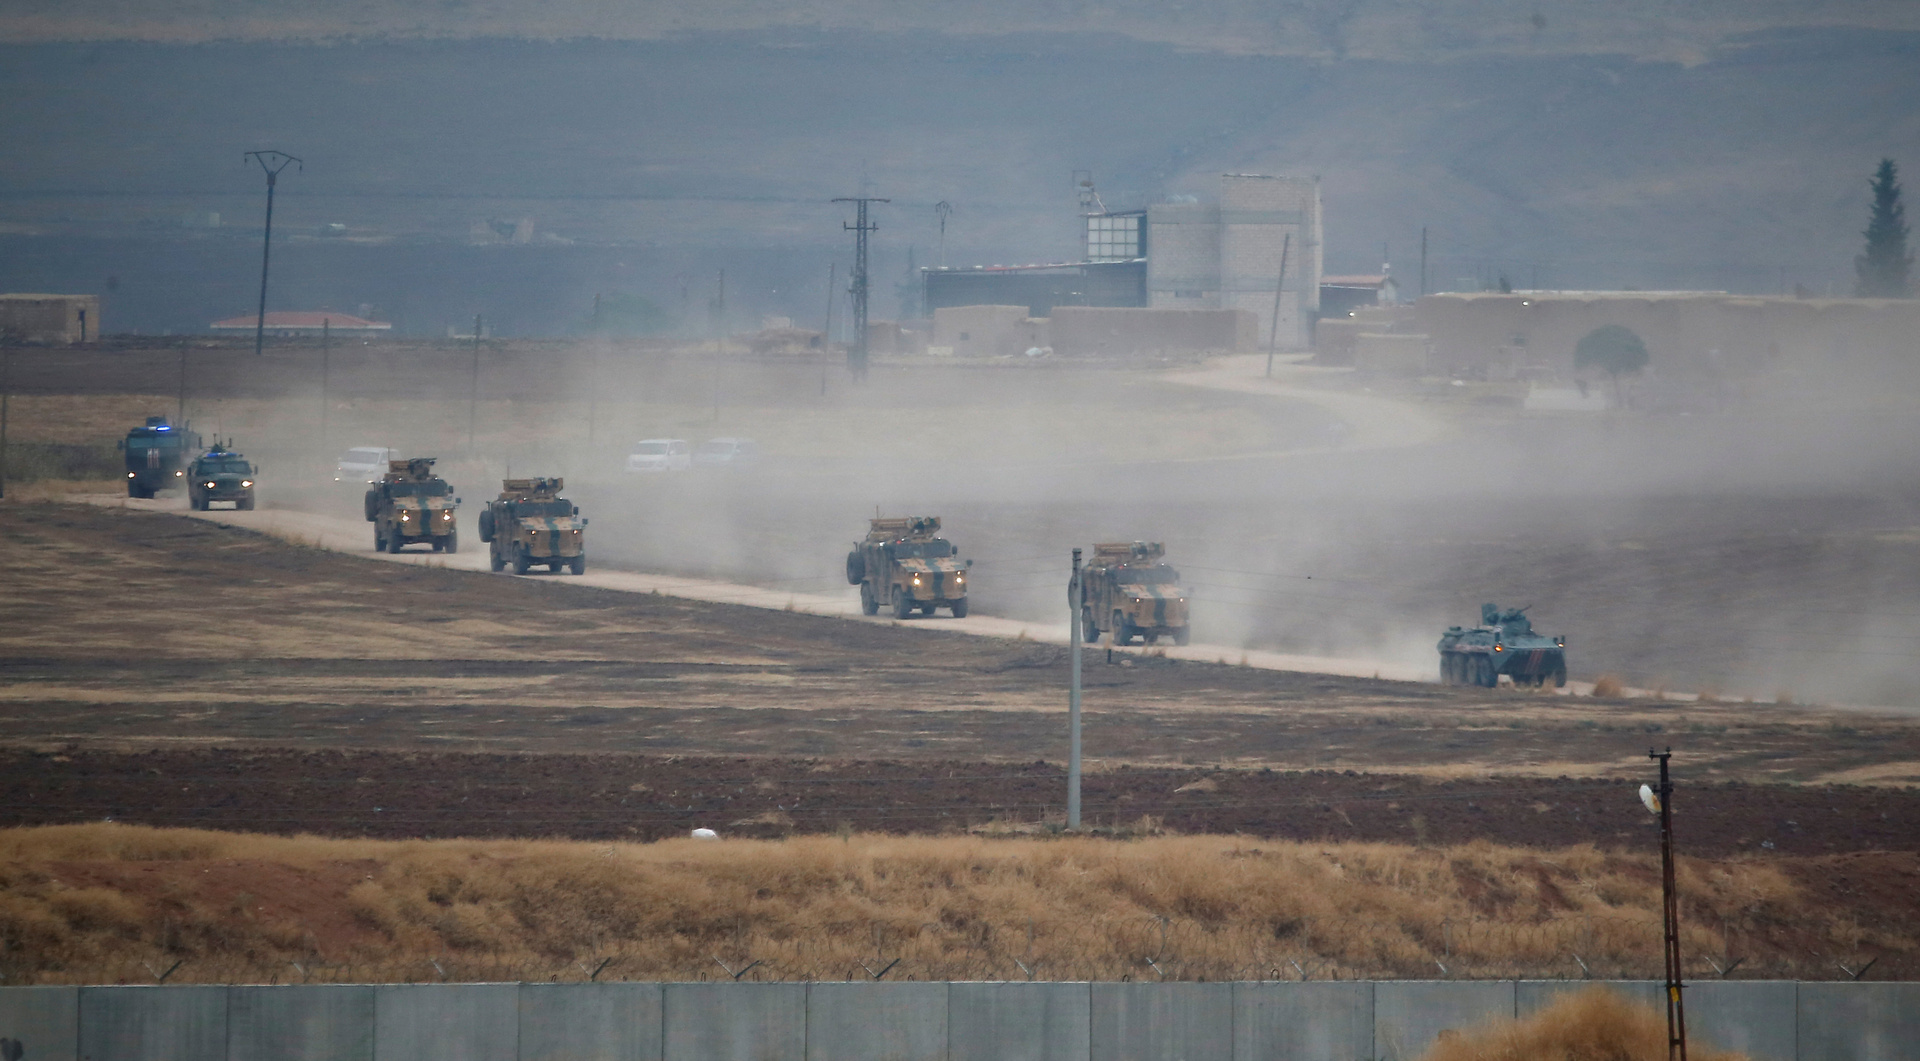 دوريات روسية تركية في محافظة الحسكة على الحدود مع تركيا - 1 من تشرين الثاني 2019 (رويترز)